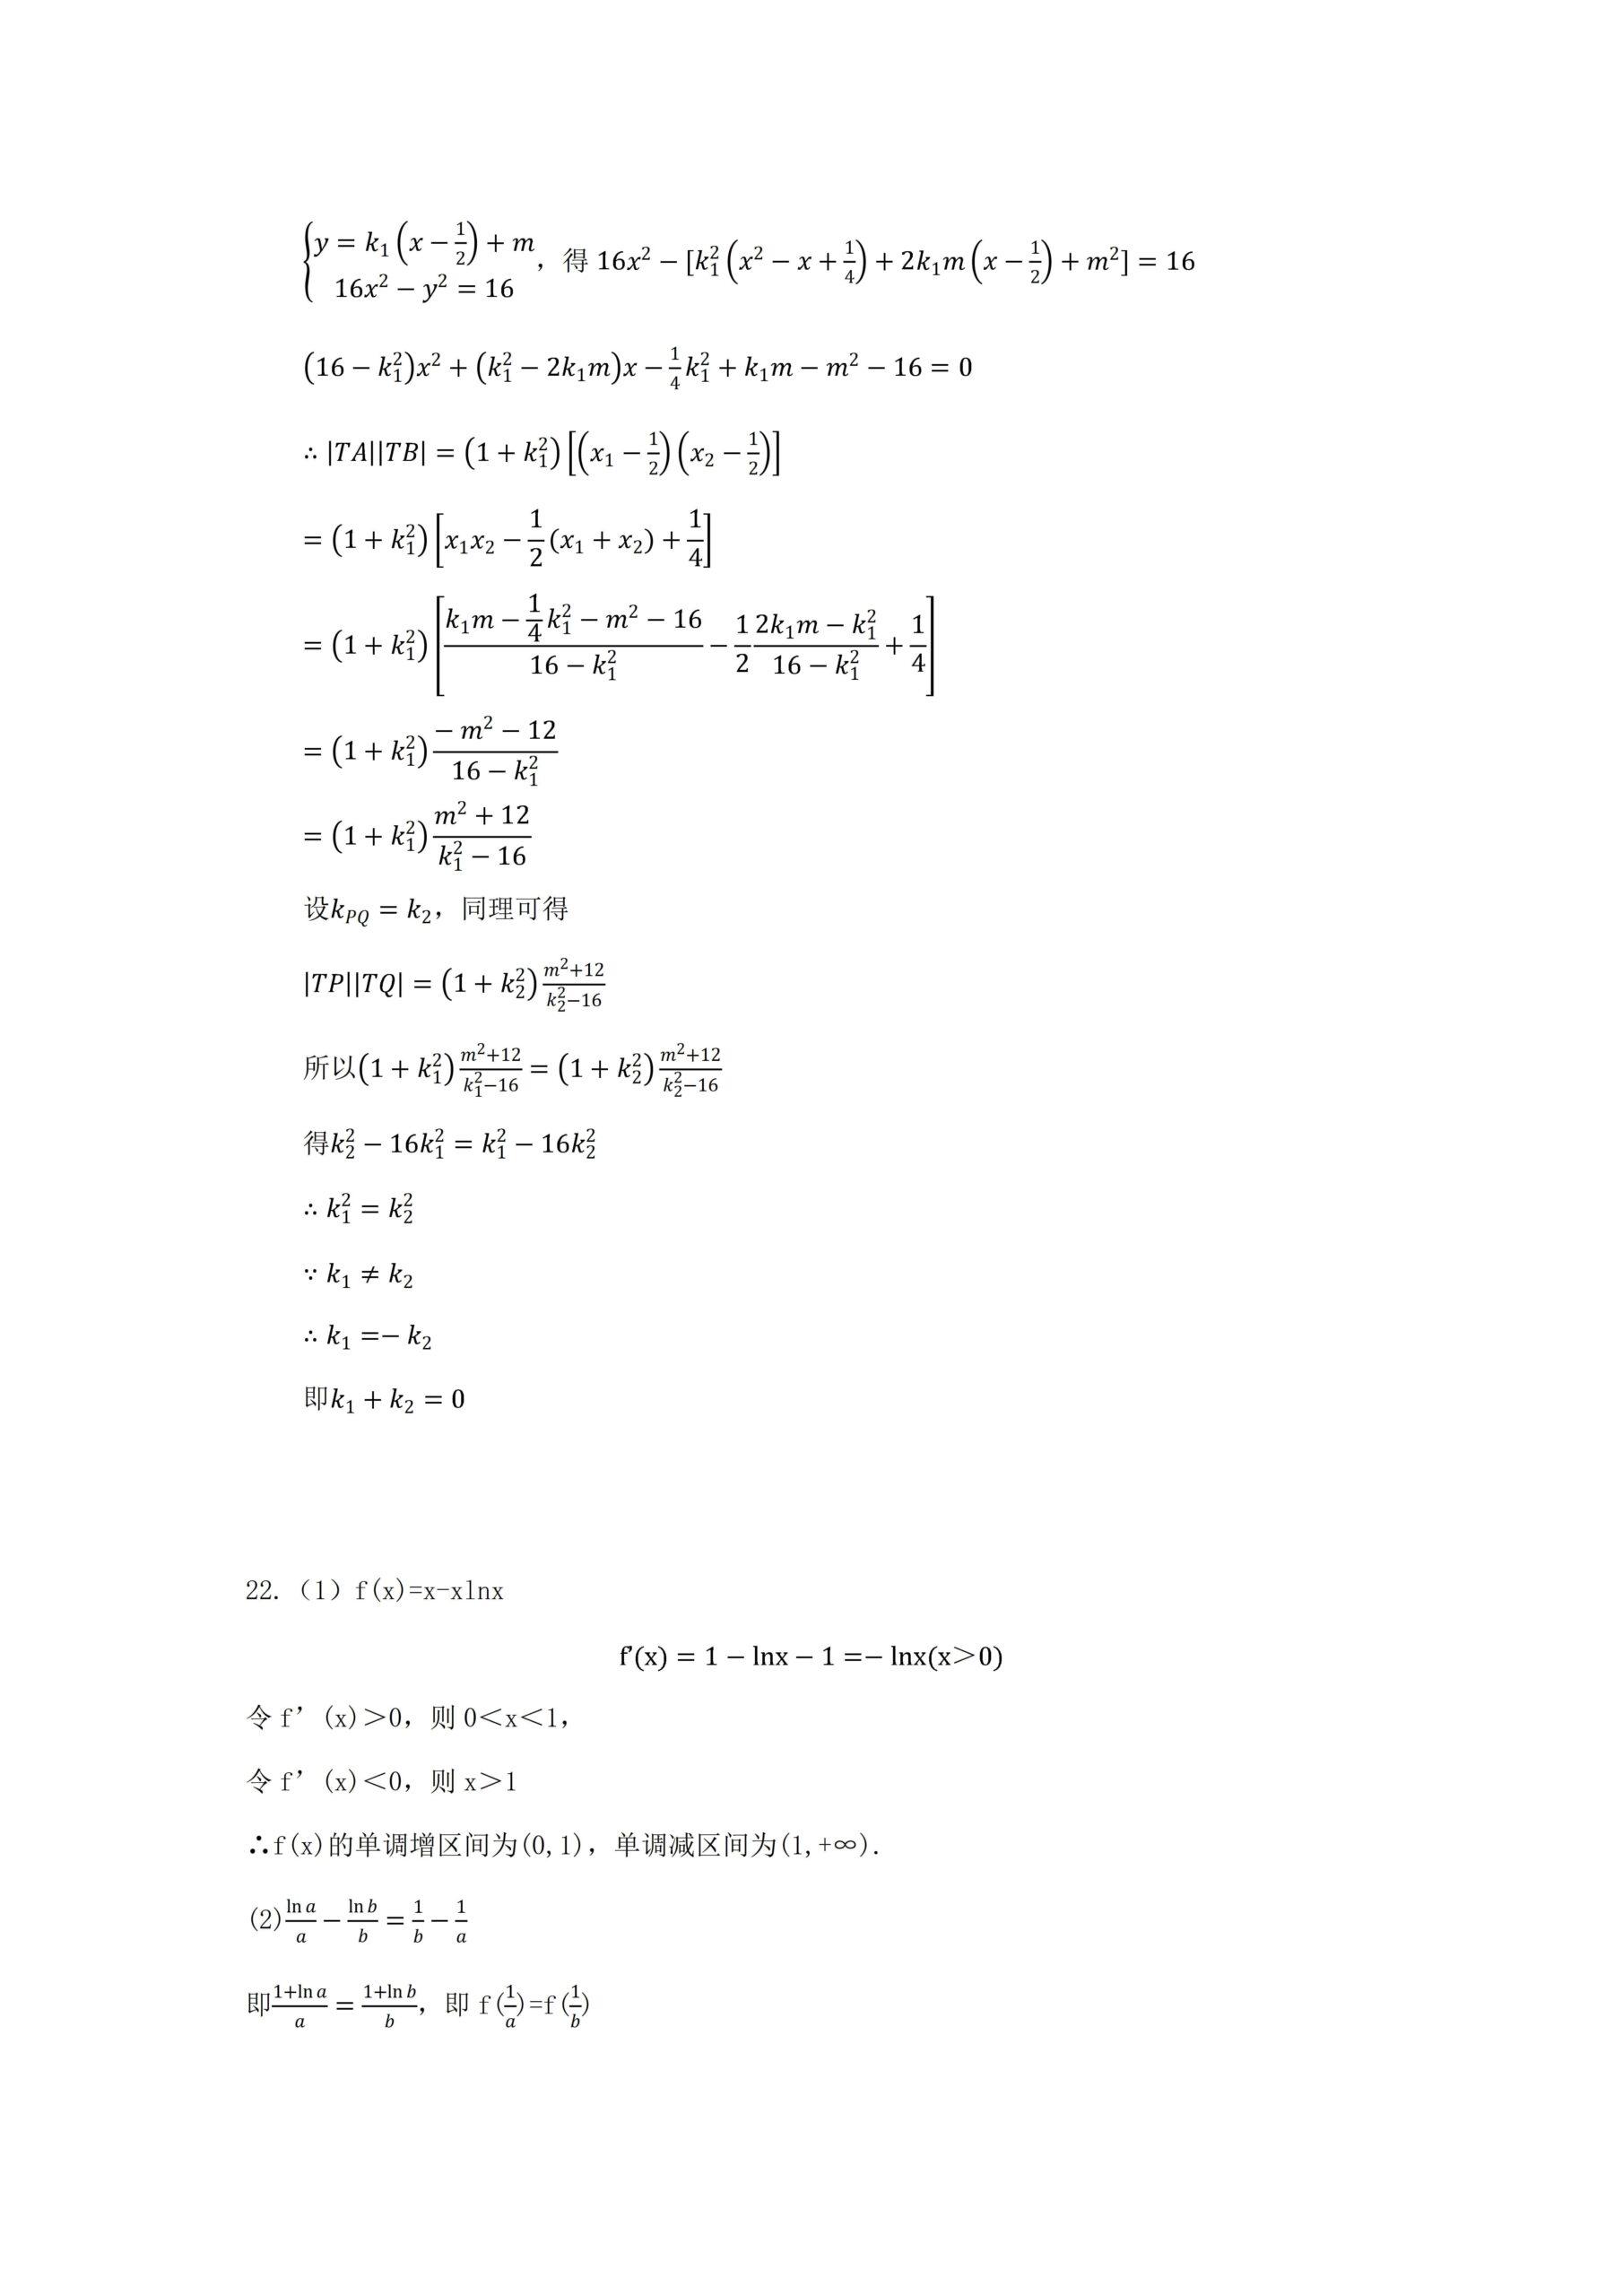 2021 年全国新高考 I 卷数学试题及答案